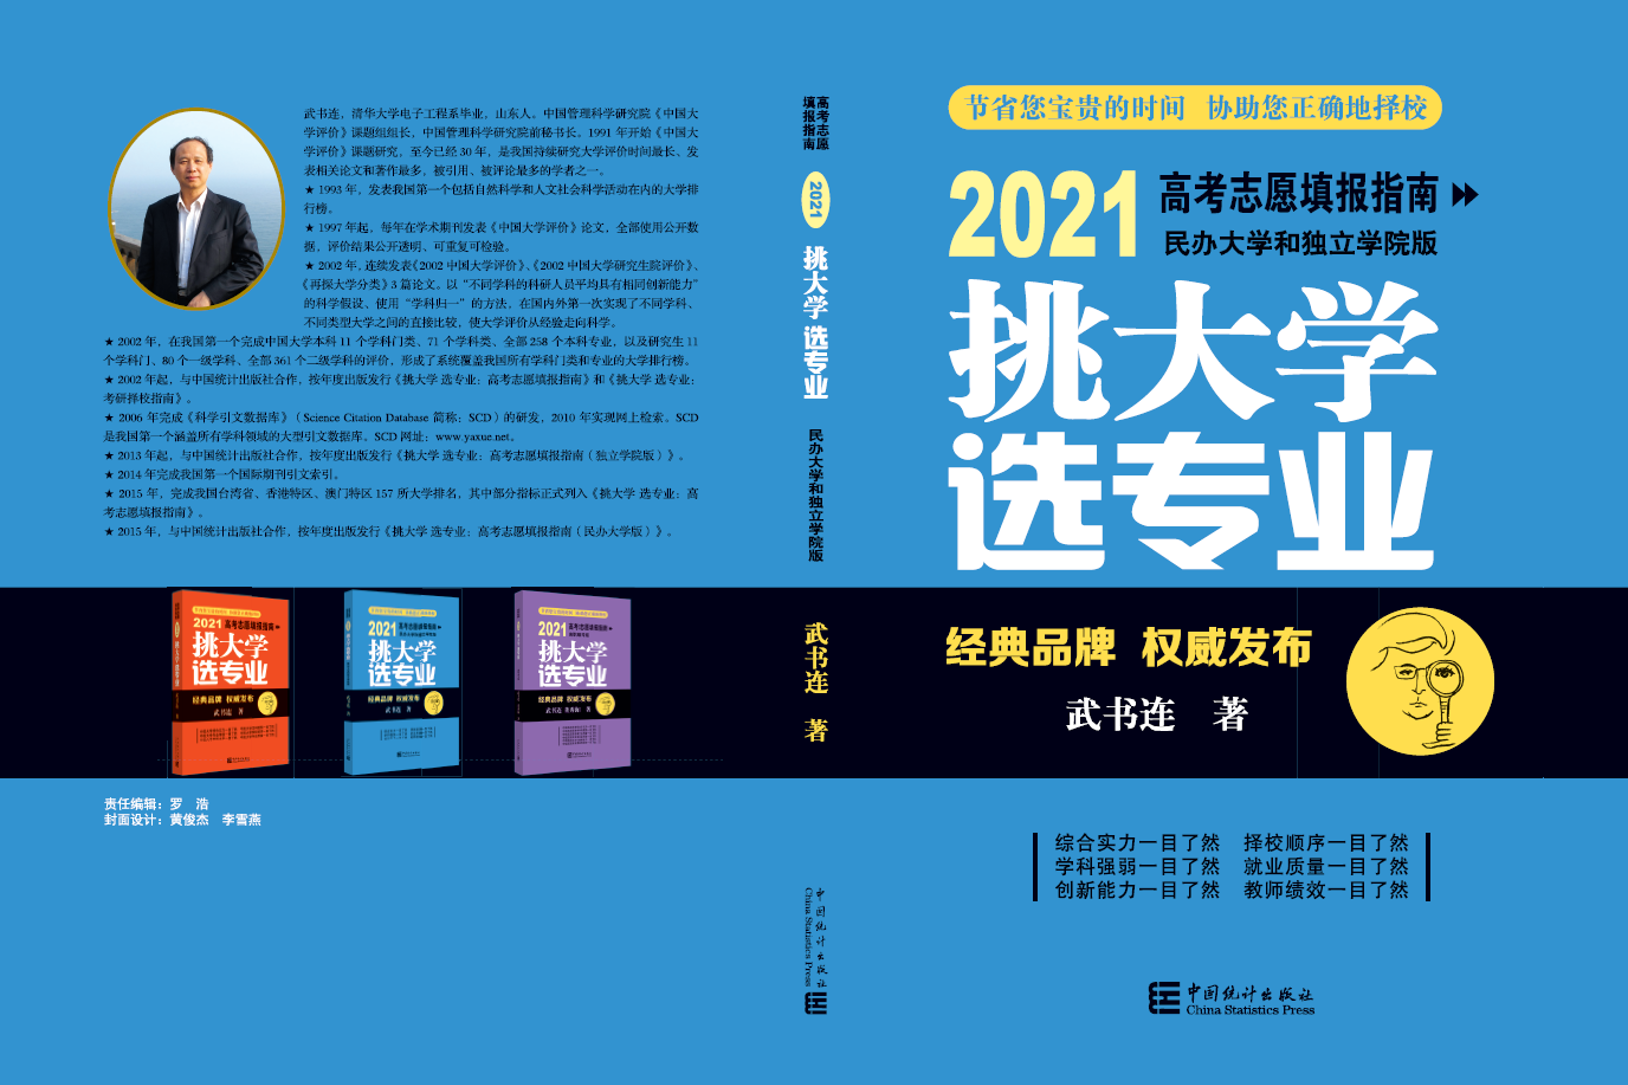 武书连2021中国民办大学和独立学院排行榜发布